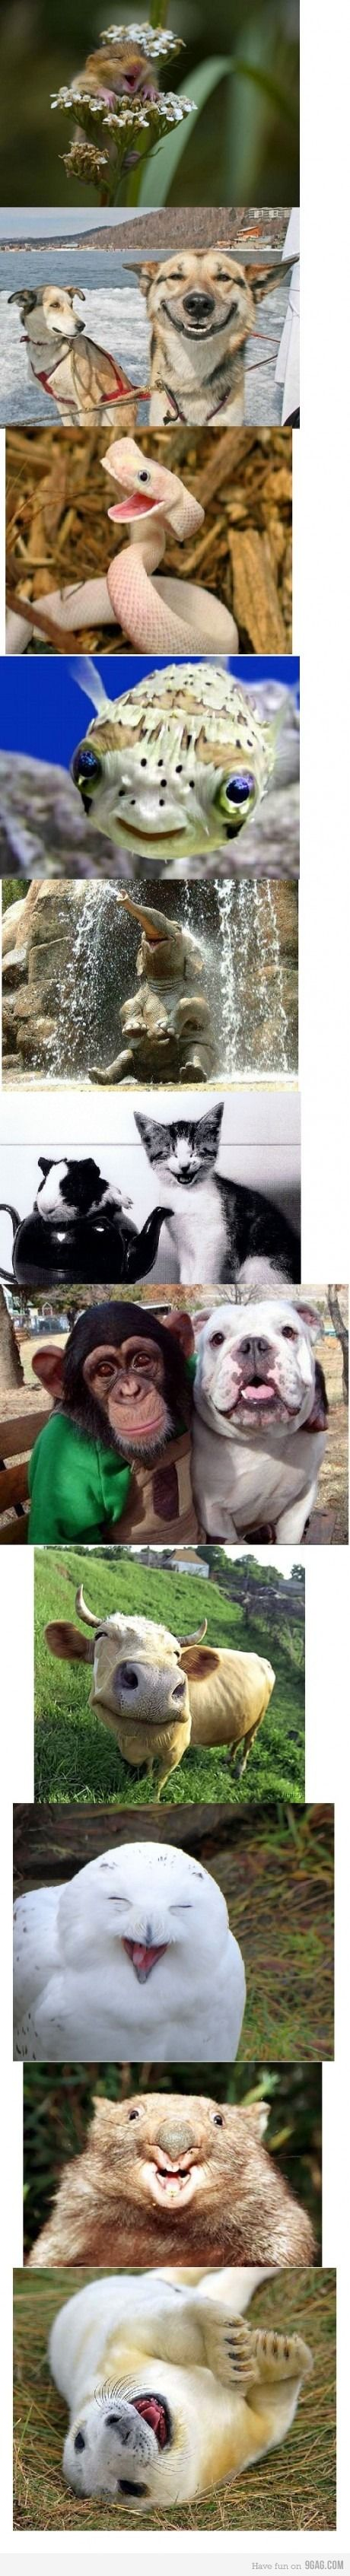 make a smiling animal collage